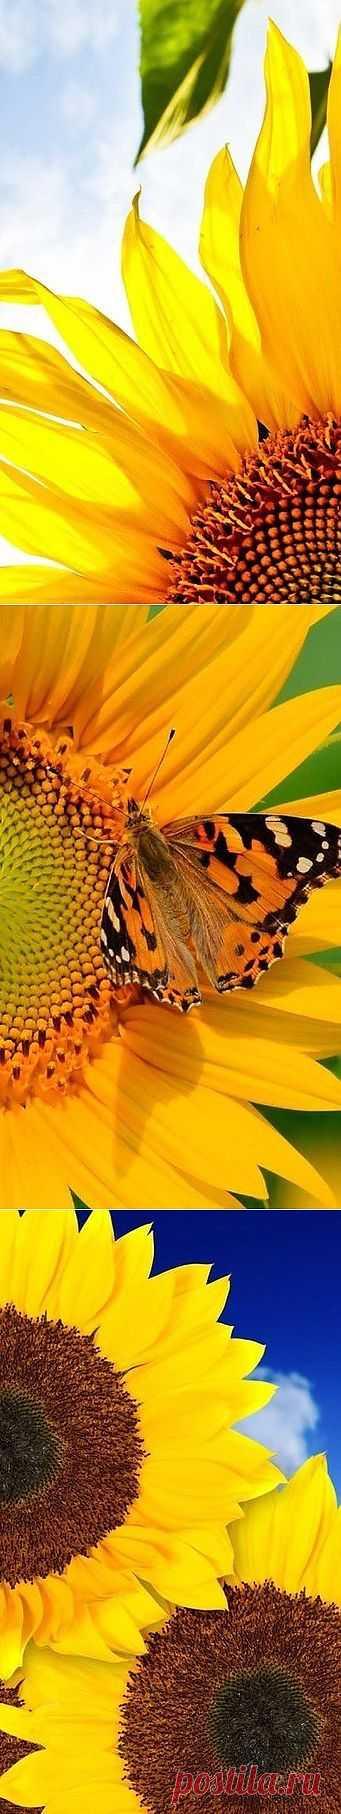 Мне снится зелёное лето с прожилками желтых цветов...